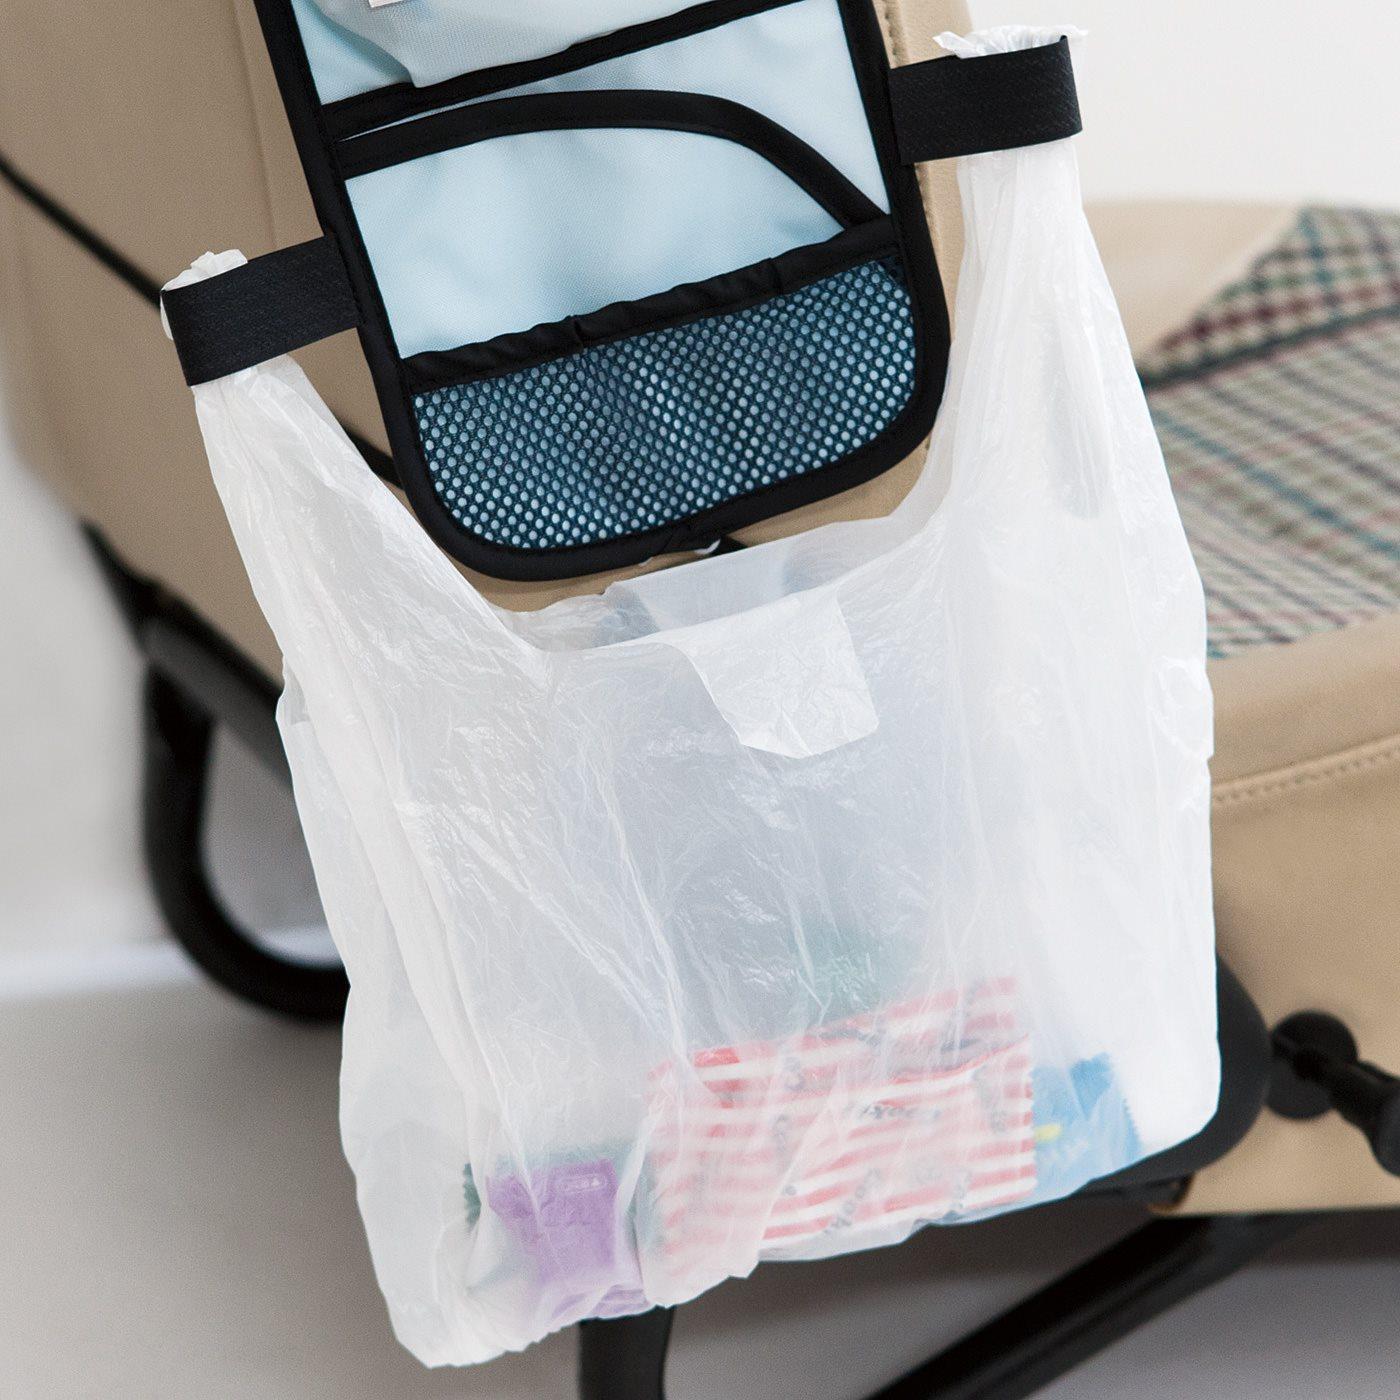 袋を広げてぶら下げられるループ付き。ゴミが散らかりません。